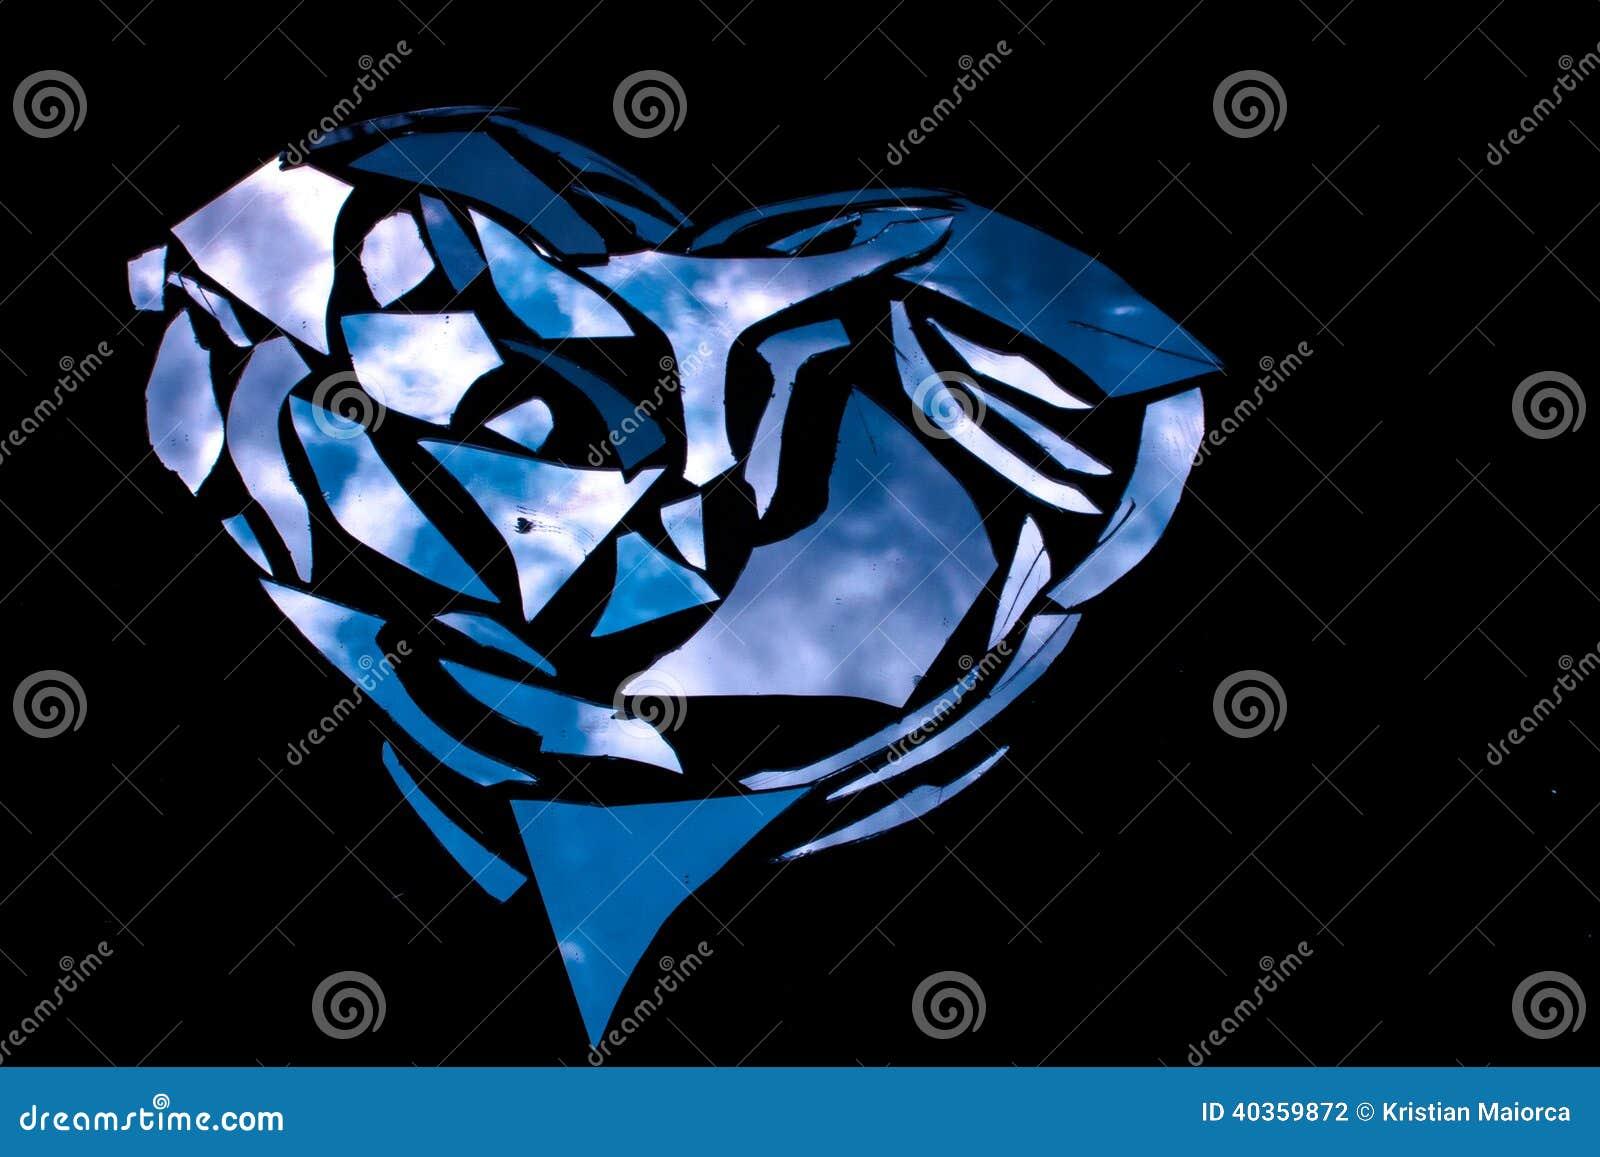 Miroir bris photo stock image 40359872 for Le miroir brise